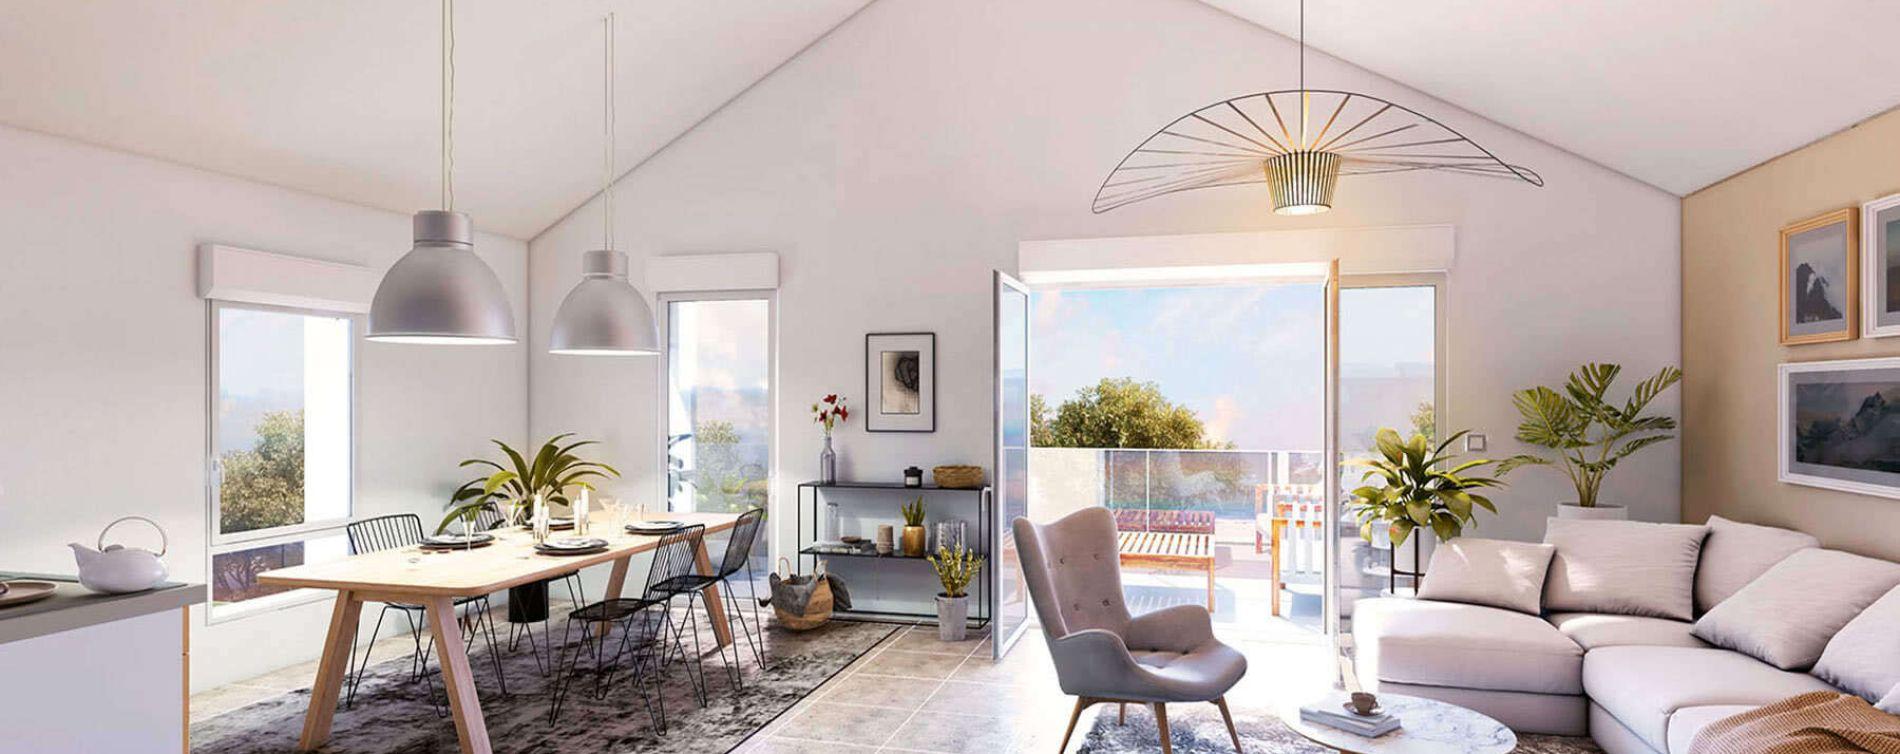 Saint-Priest : programme immobilier neuve « Factory Link » (3)